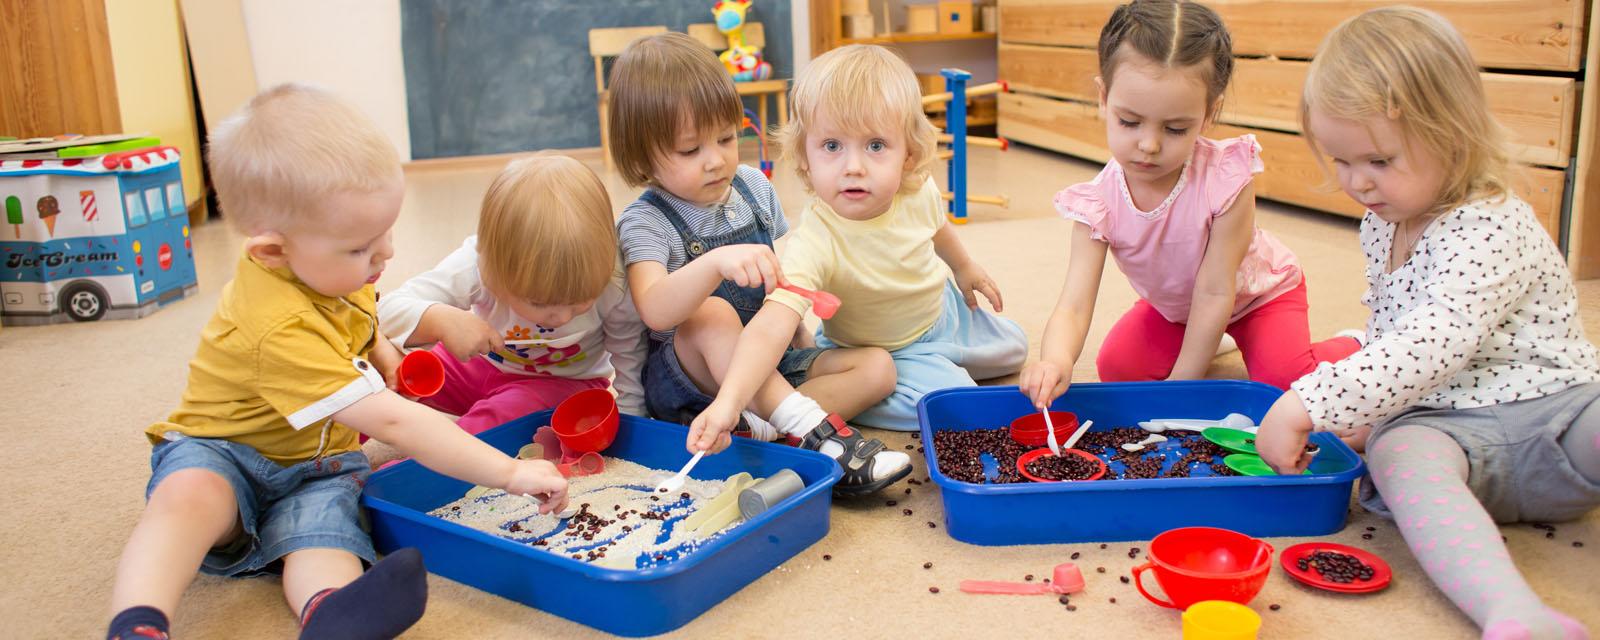 New Startblokken - IJsselgroep Educatieve Dienstverlening #FO56